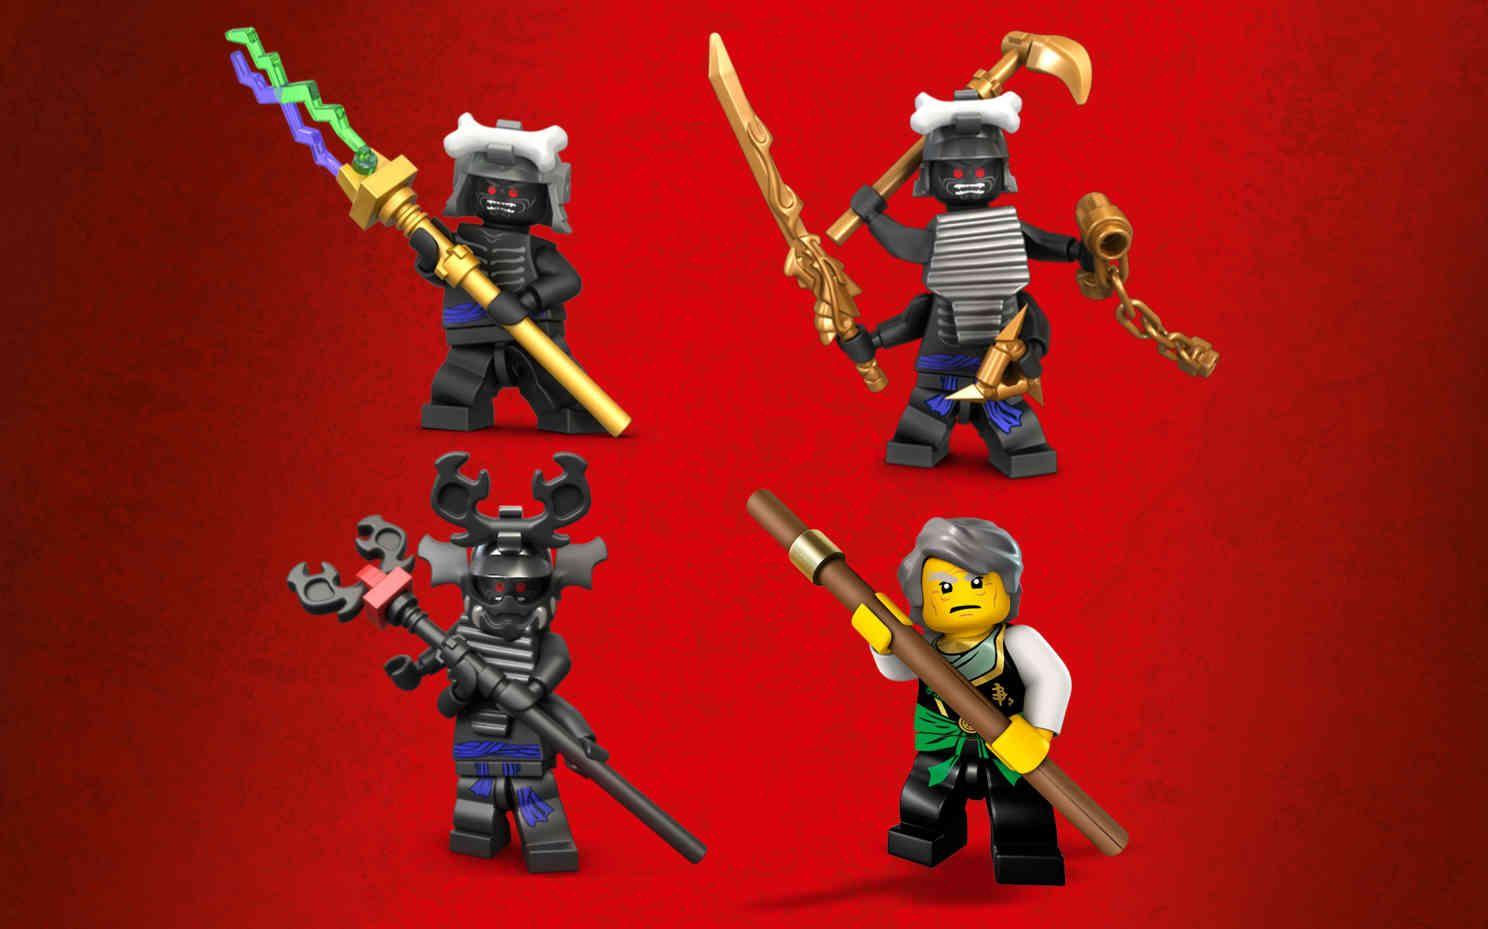 Sensei garmadon characters ninjago les lego - Sensei ninjago ...